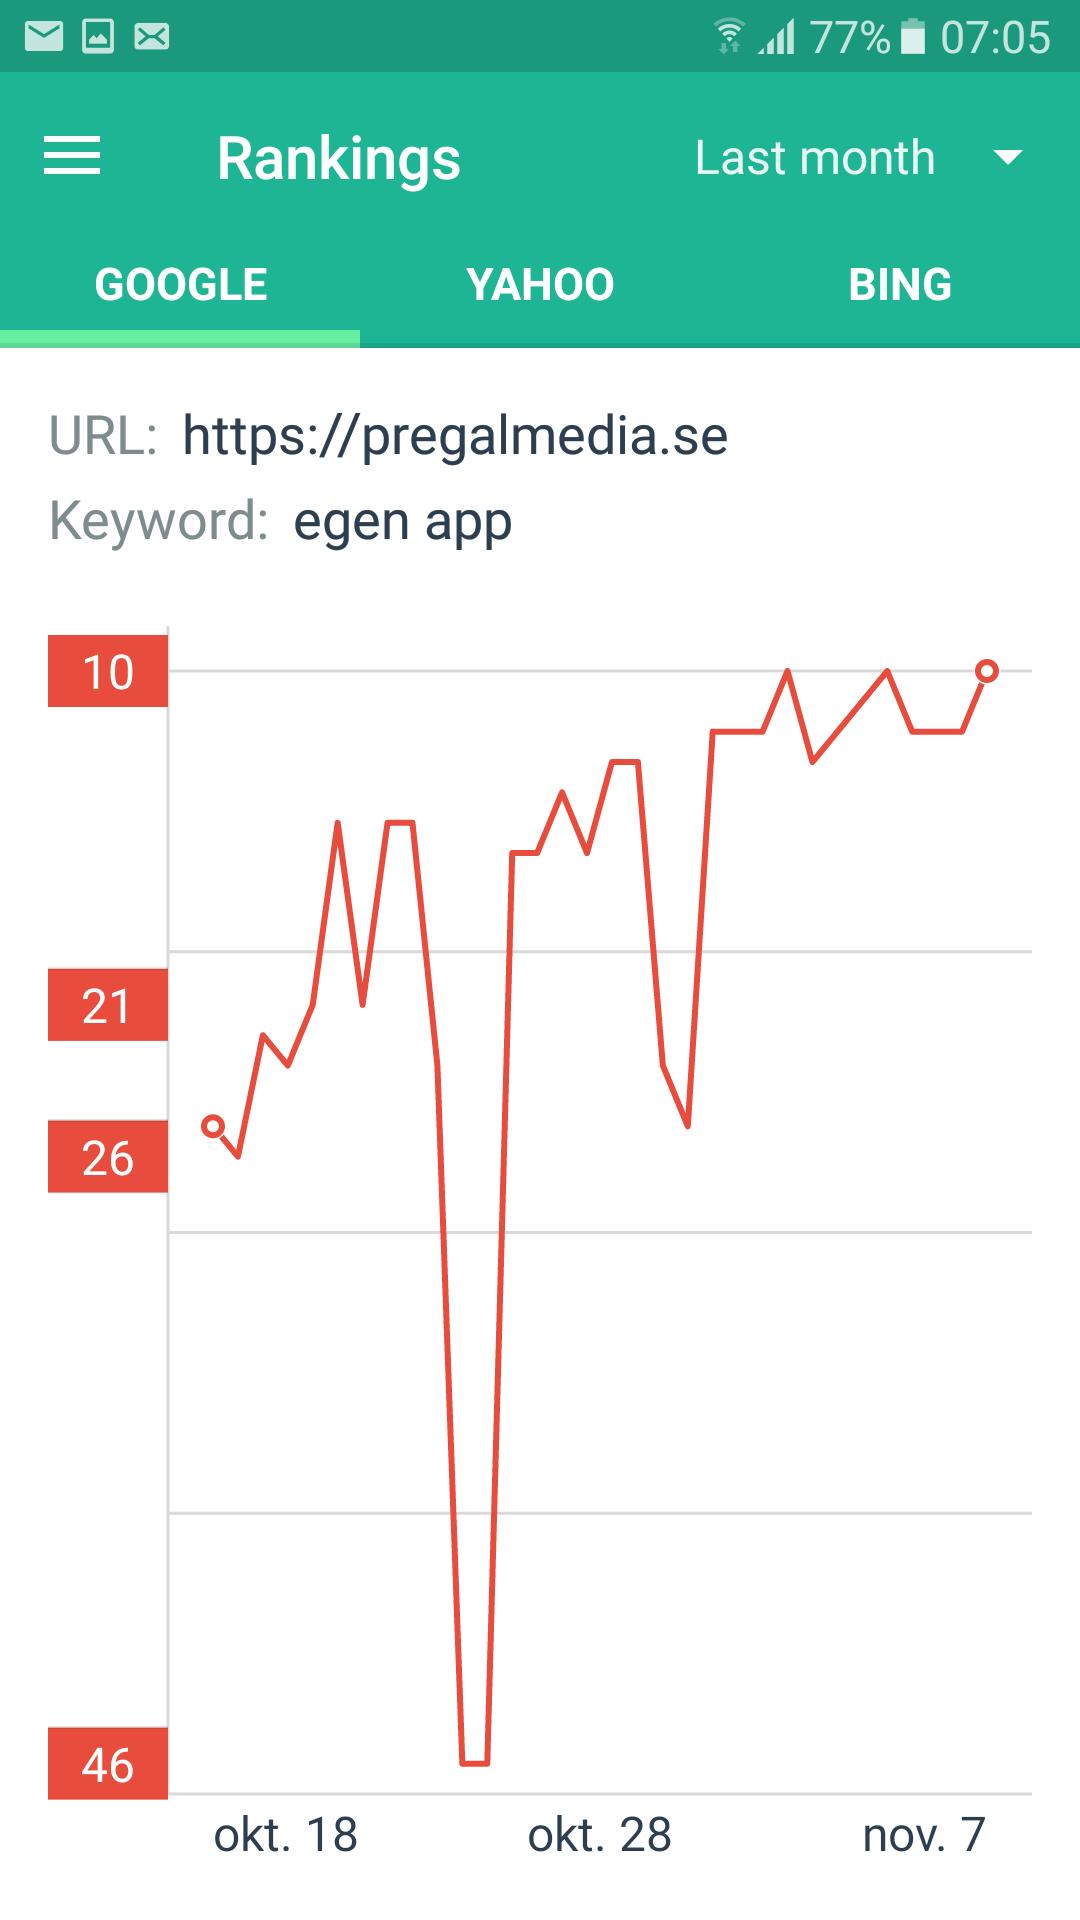 Sökmotoroptimering resultat pregalmedia.se med nyckelord egen app